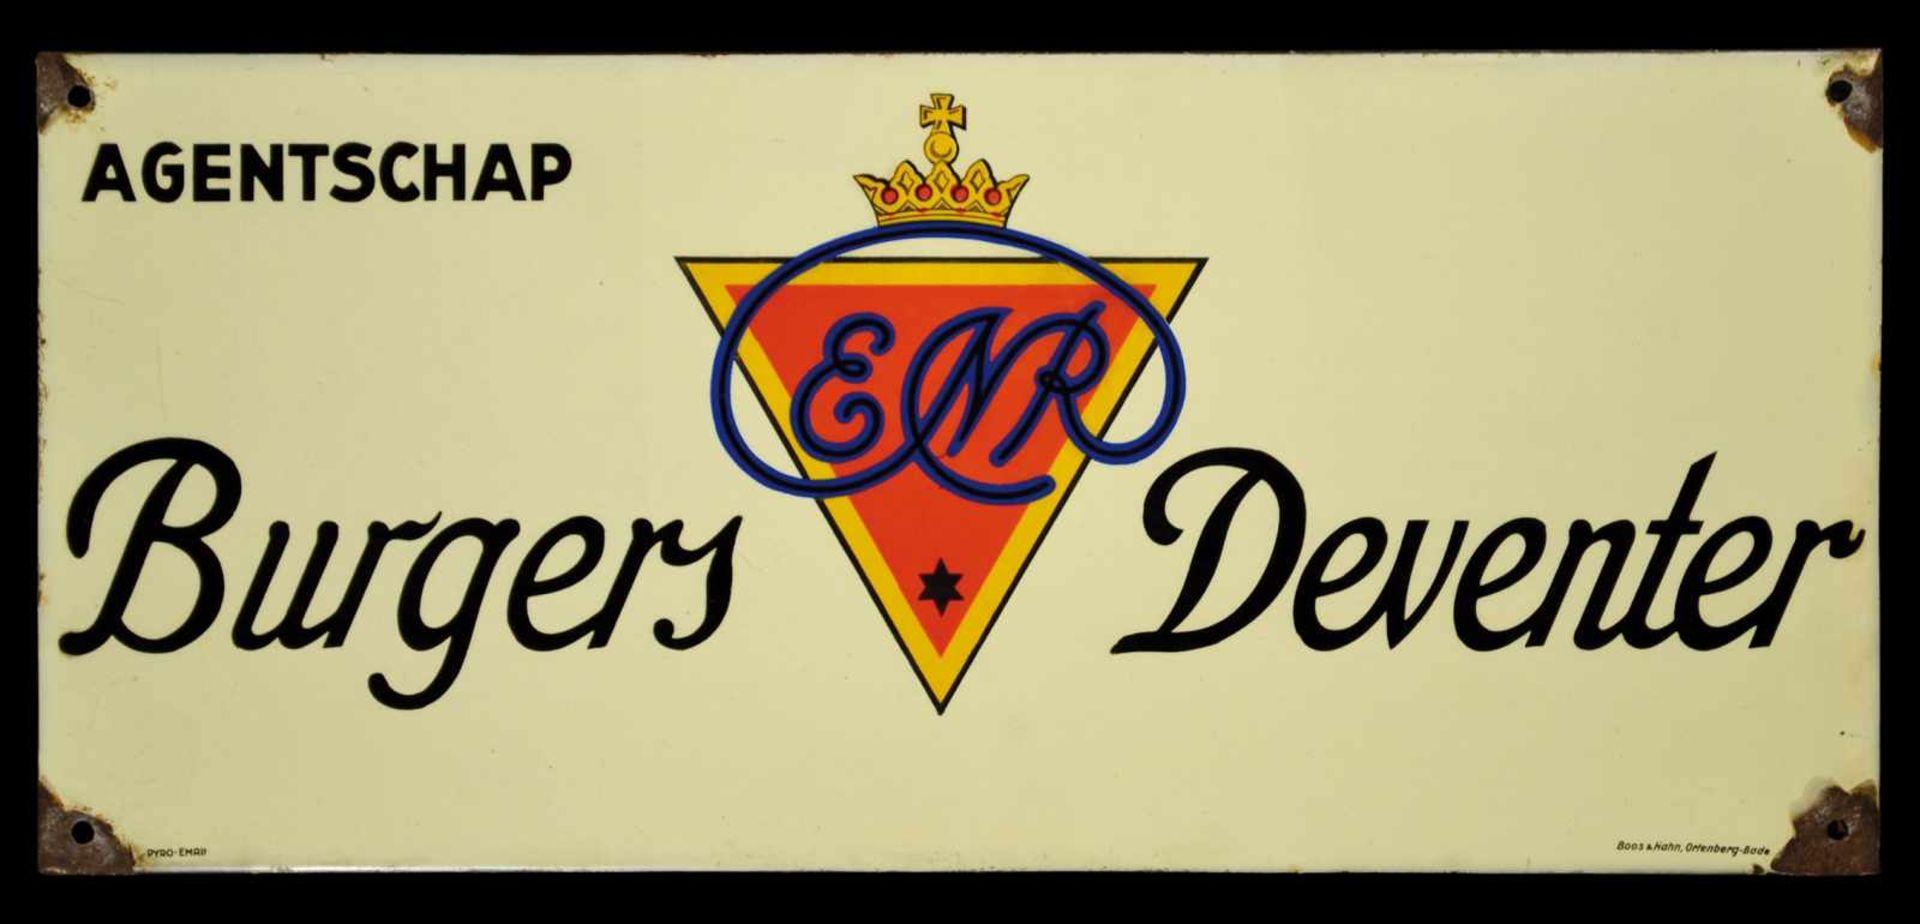 ENR BURGERS DEVENTER (2-) Emailschild, abgekantet, schabloniert, Niederlande um 1930, 63 x 28 cm,